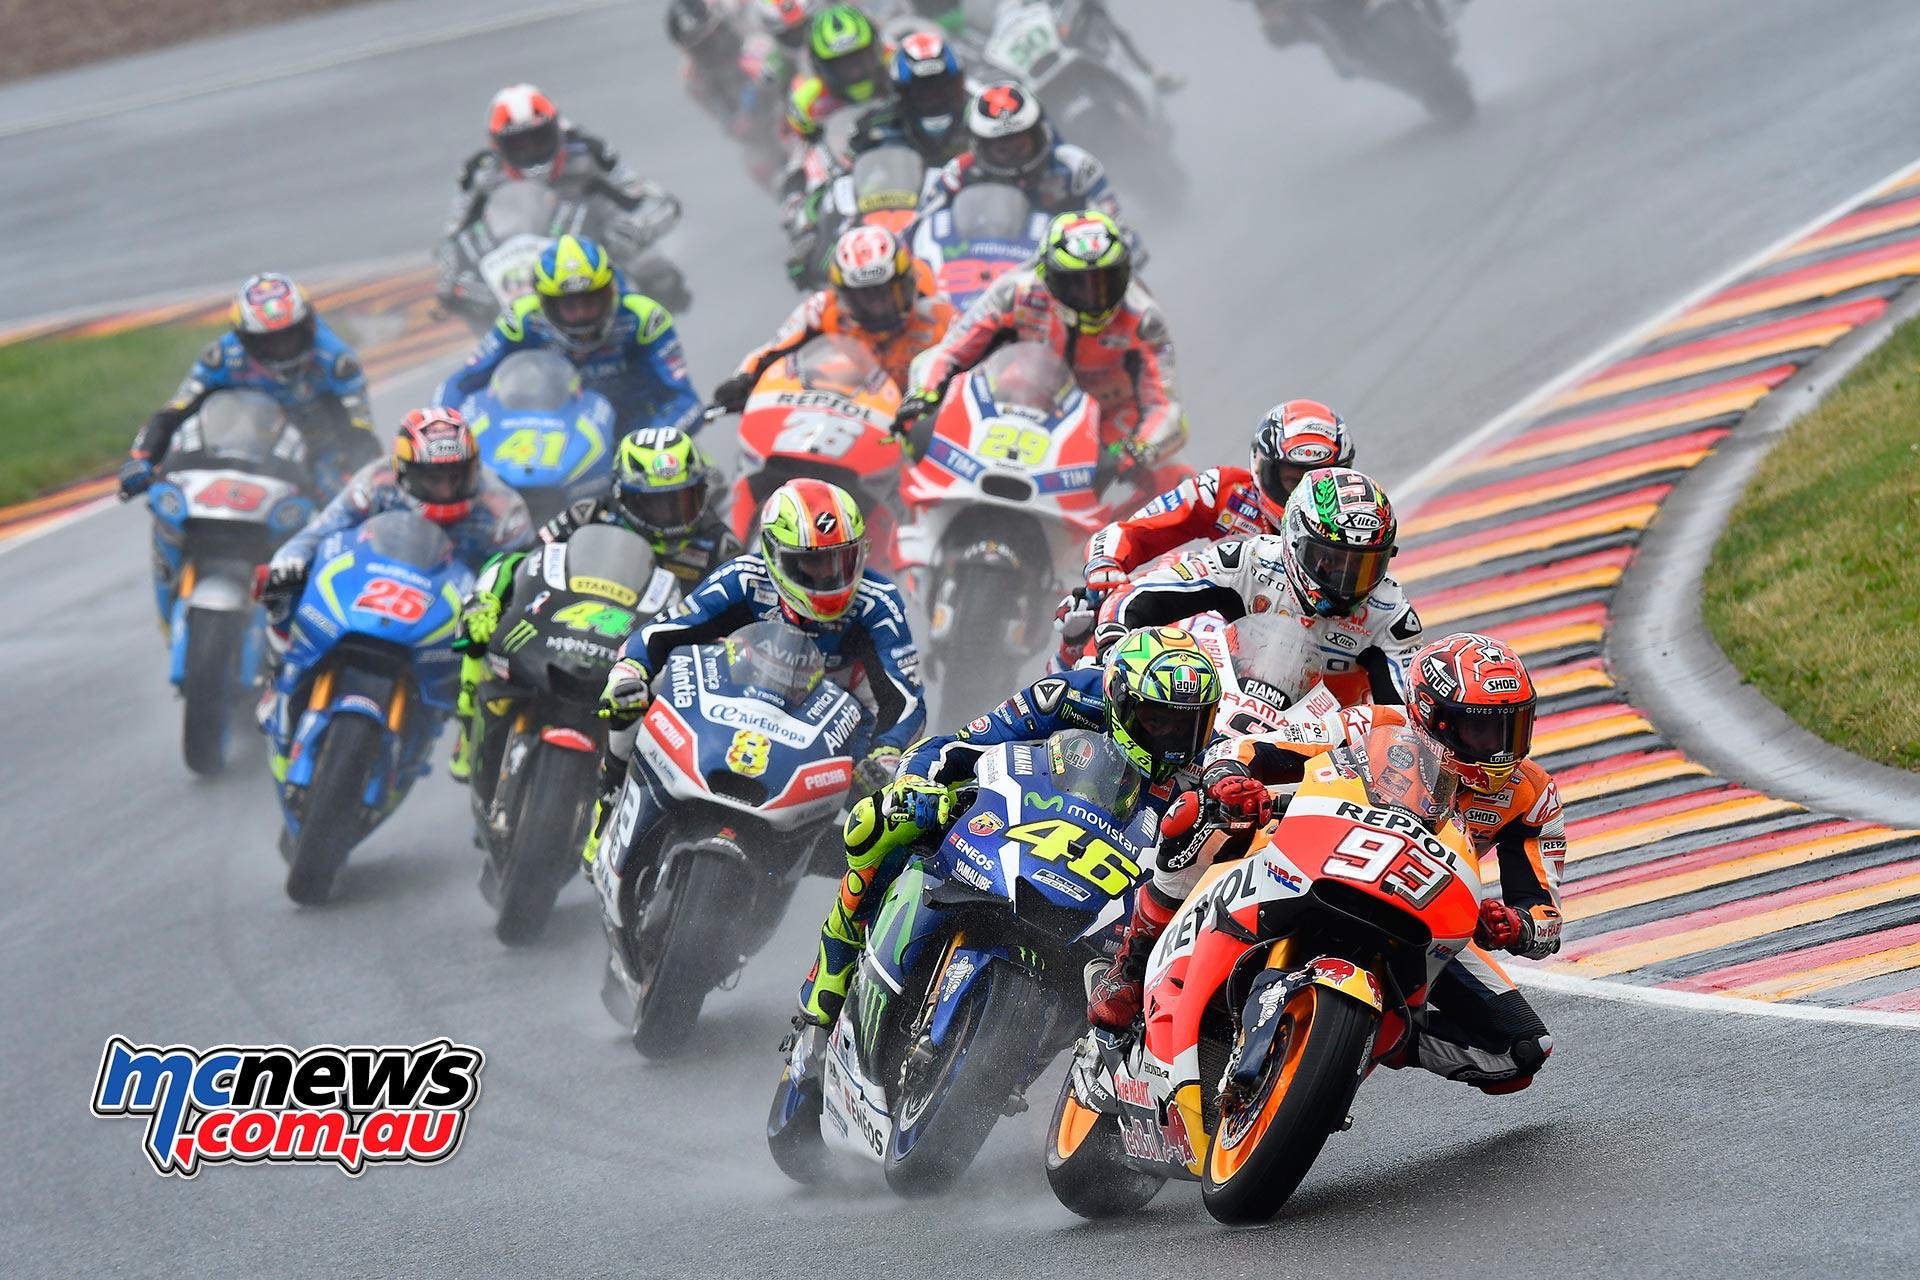 Marc Marquez   2016 MotoGP Champion   MCNews.com.au